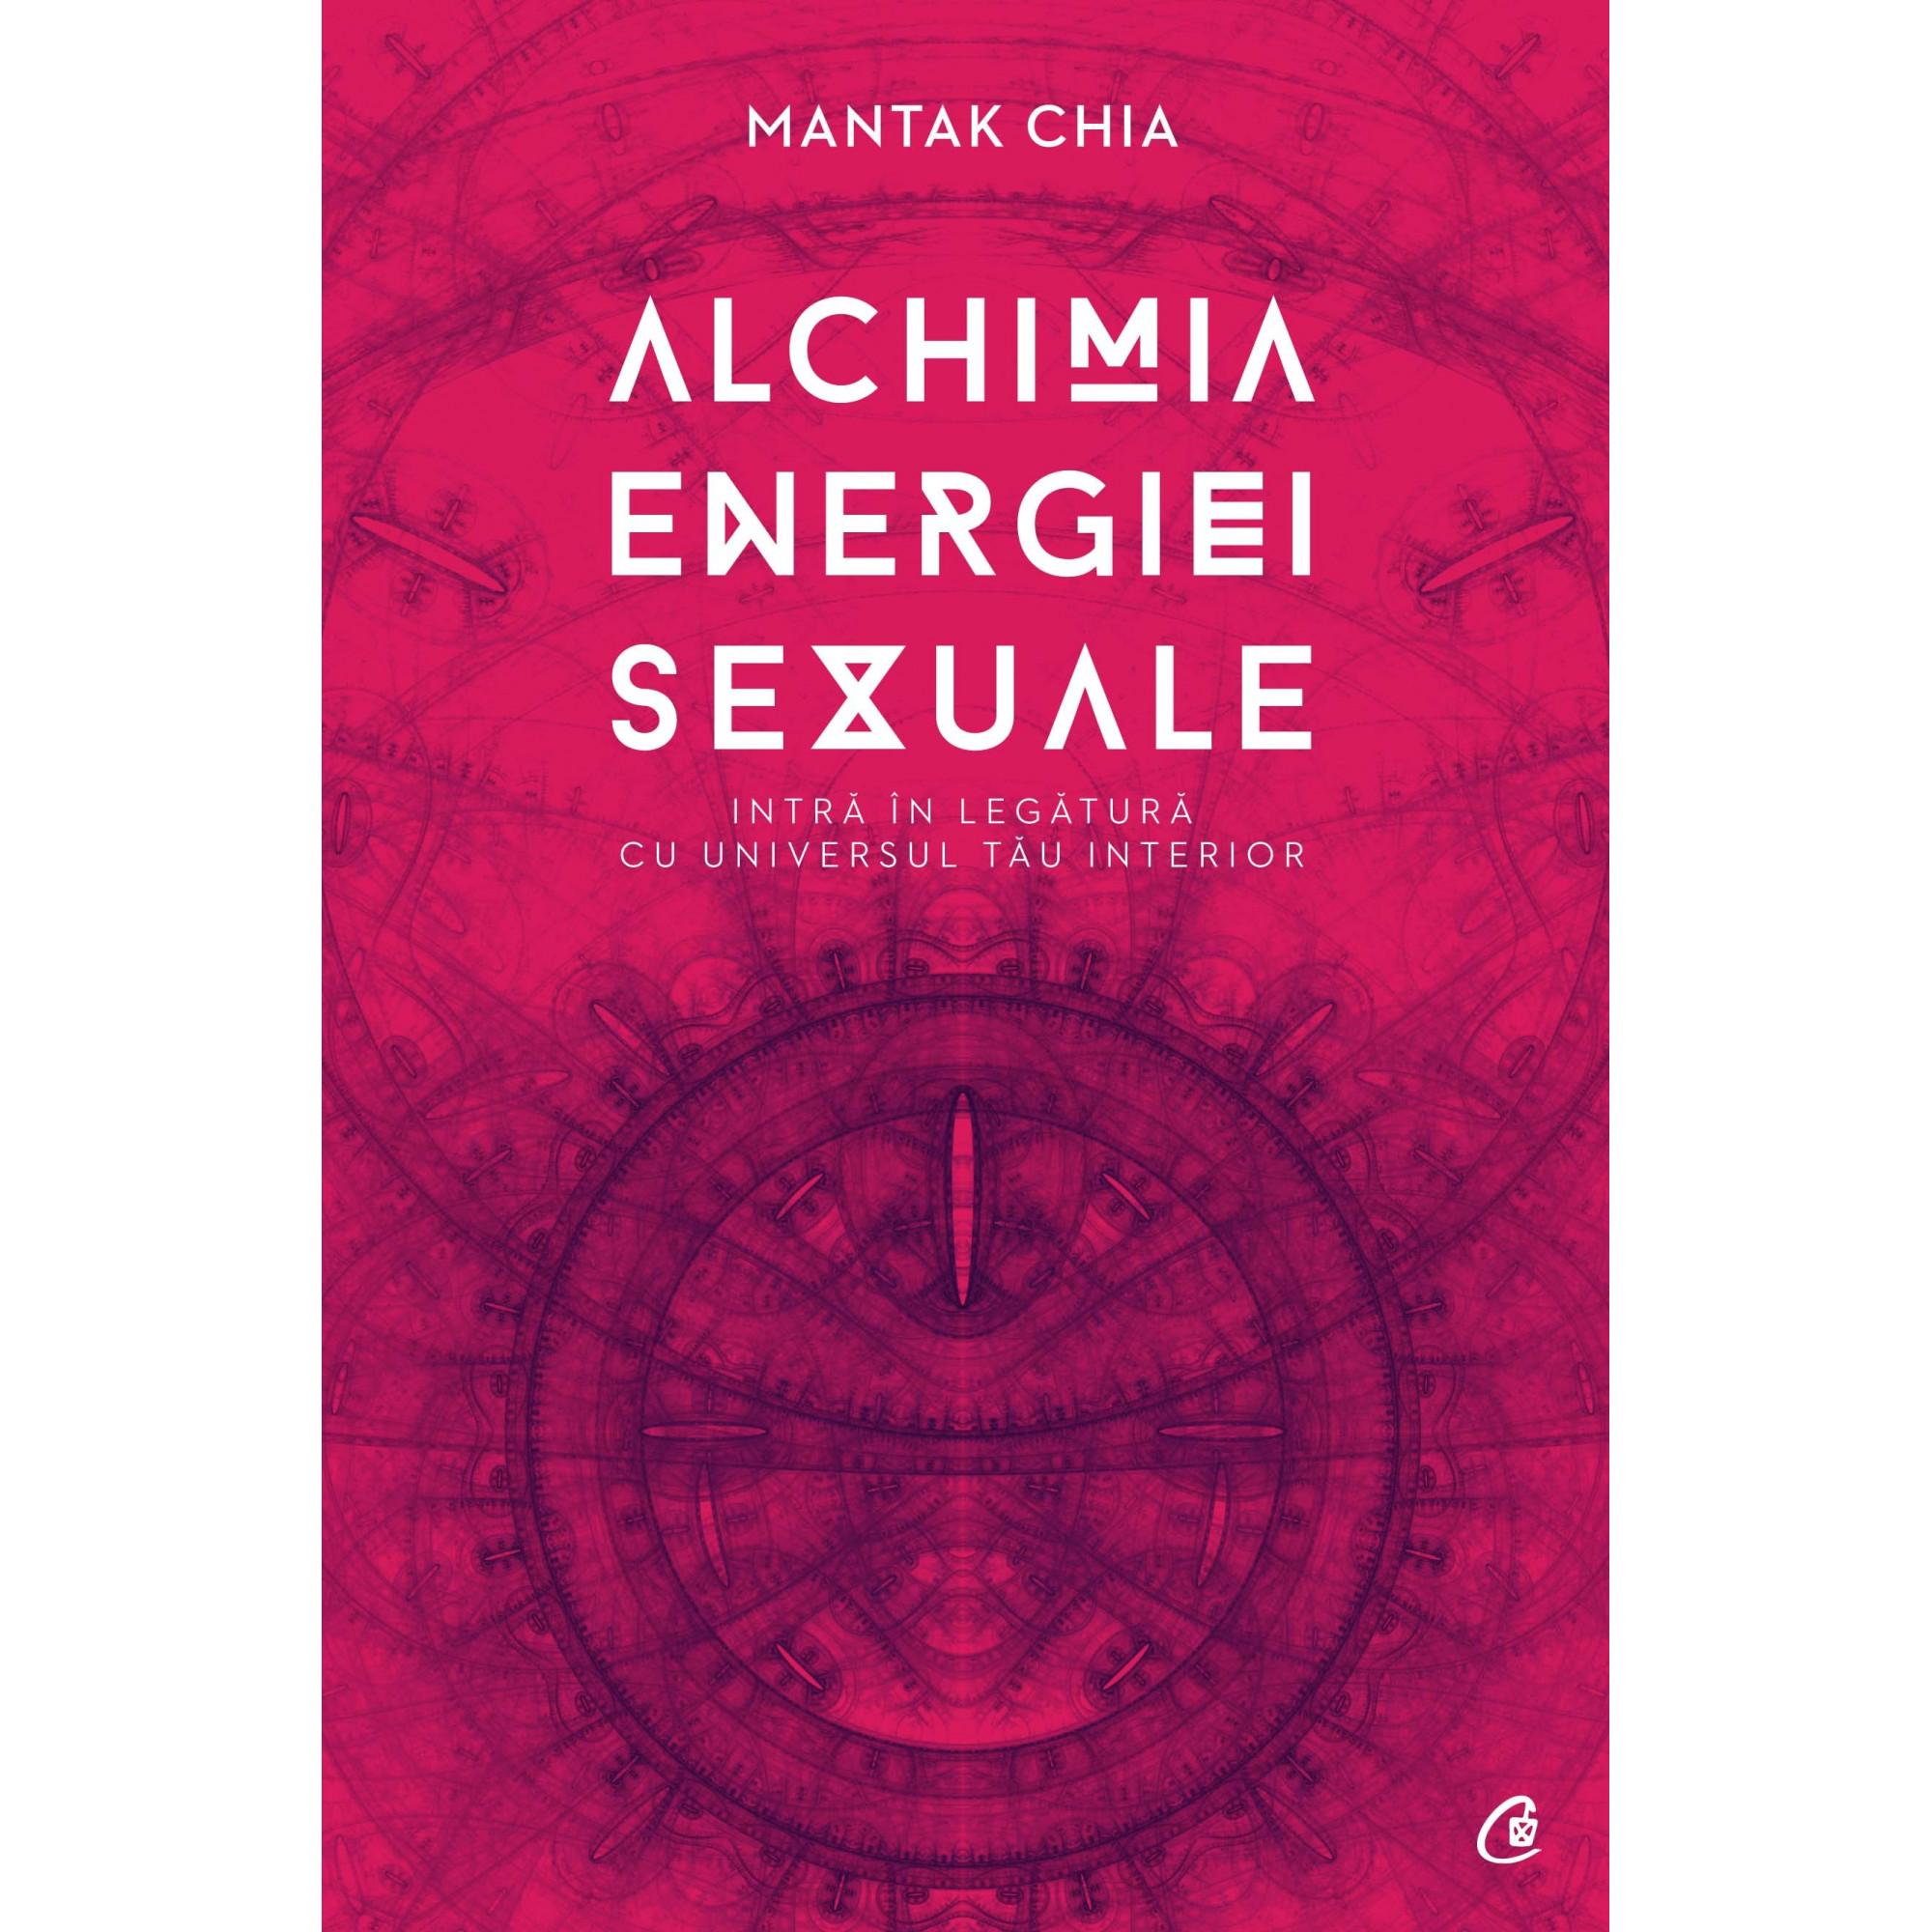 Alchimia energiei sexuale. Intră în legătură cu universul tău interior